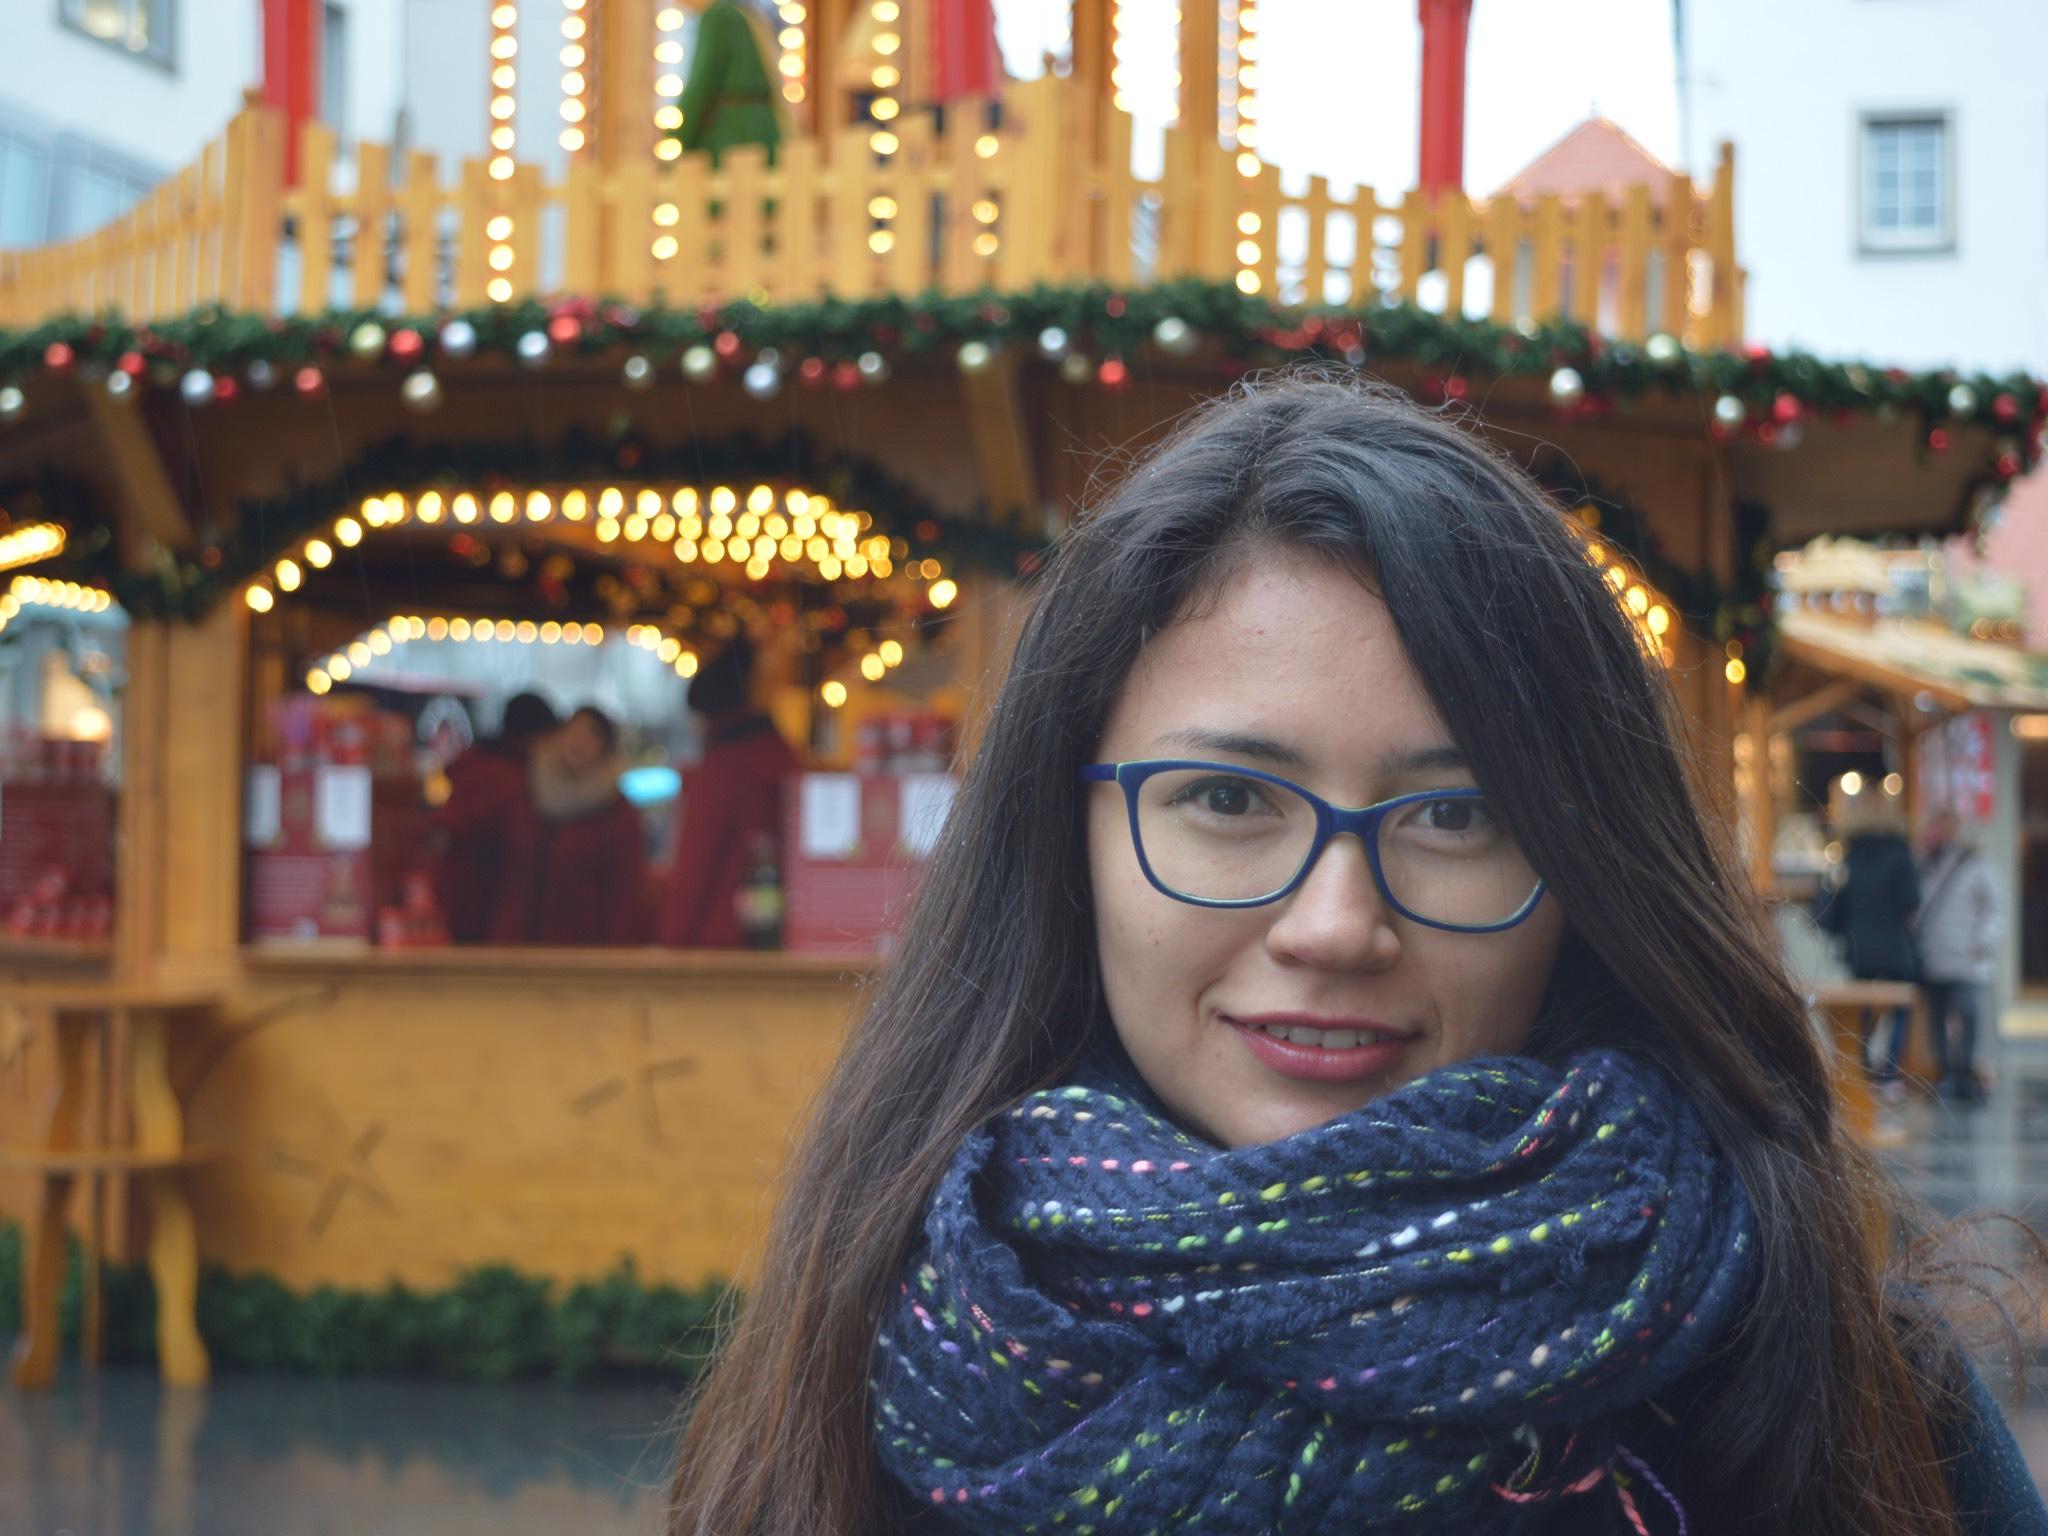 Valeria aus Kolumbien. Foto: Katharina Bormann